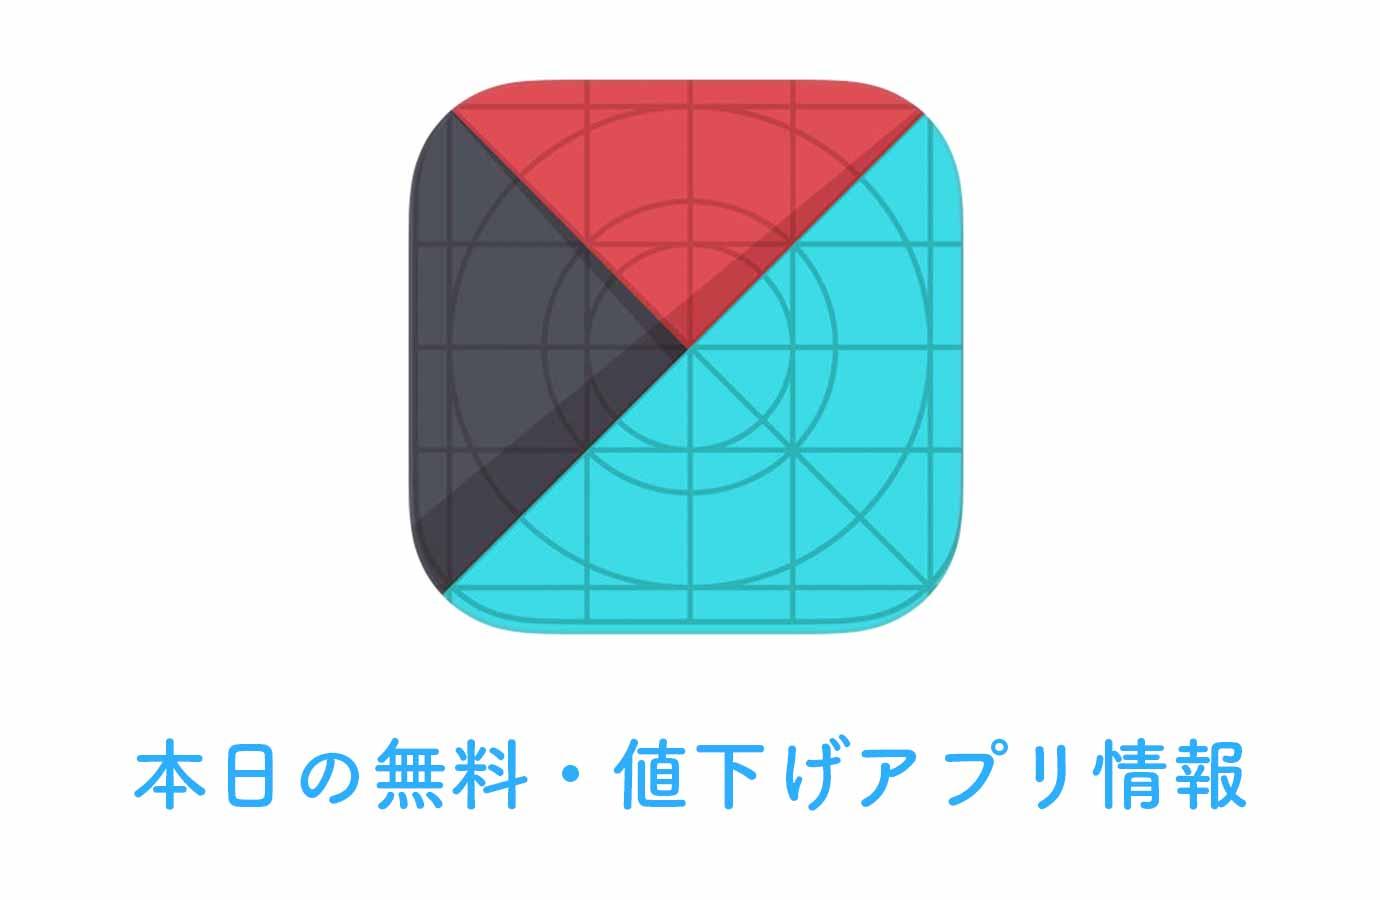 360円→無料!ある程度の範囲を指定するだけで写真の背景をカットできる「スマートカットアウト」など【3/31】本日の無料・値下げアプリ情報